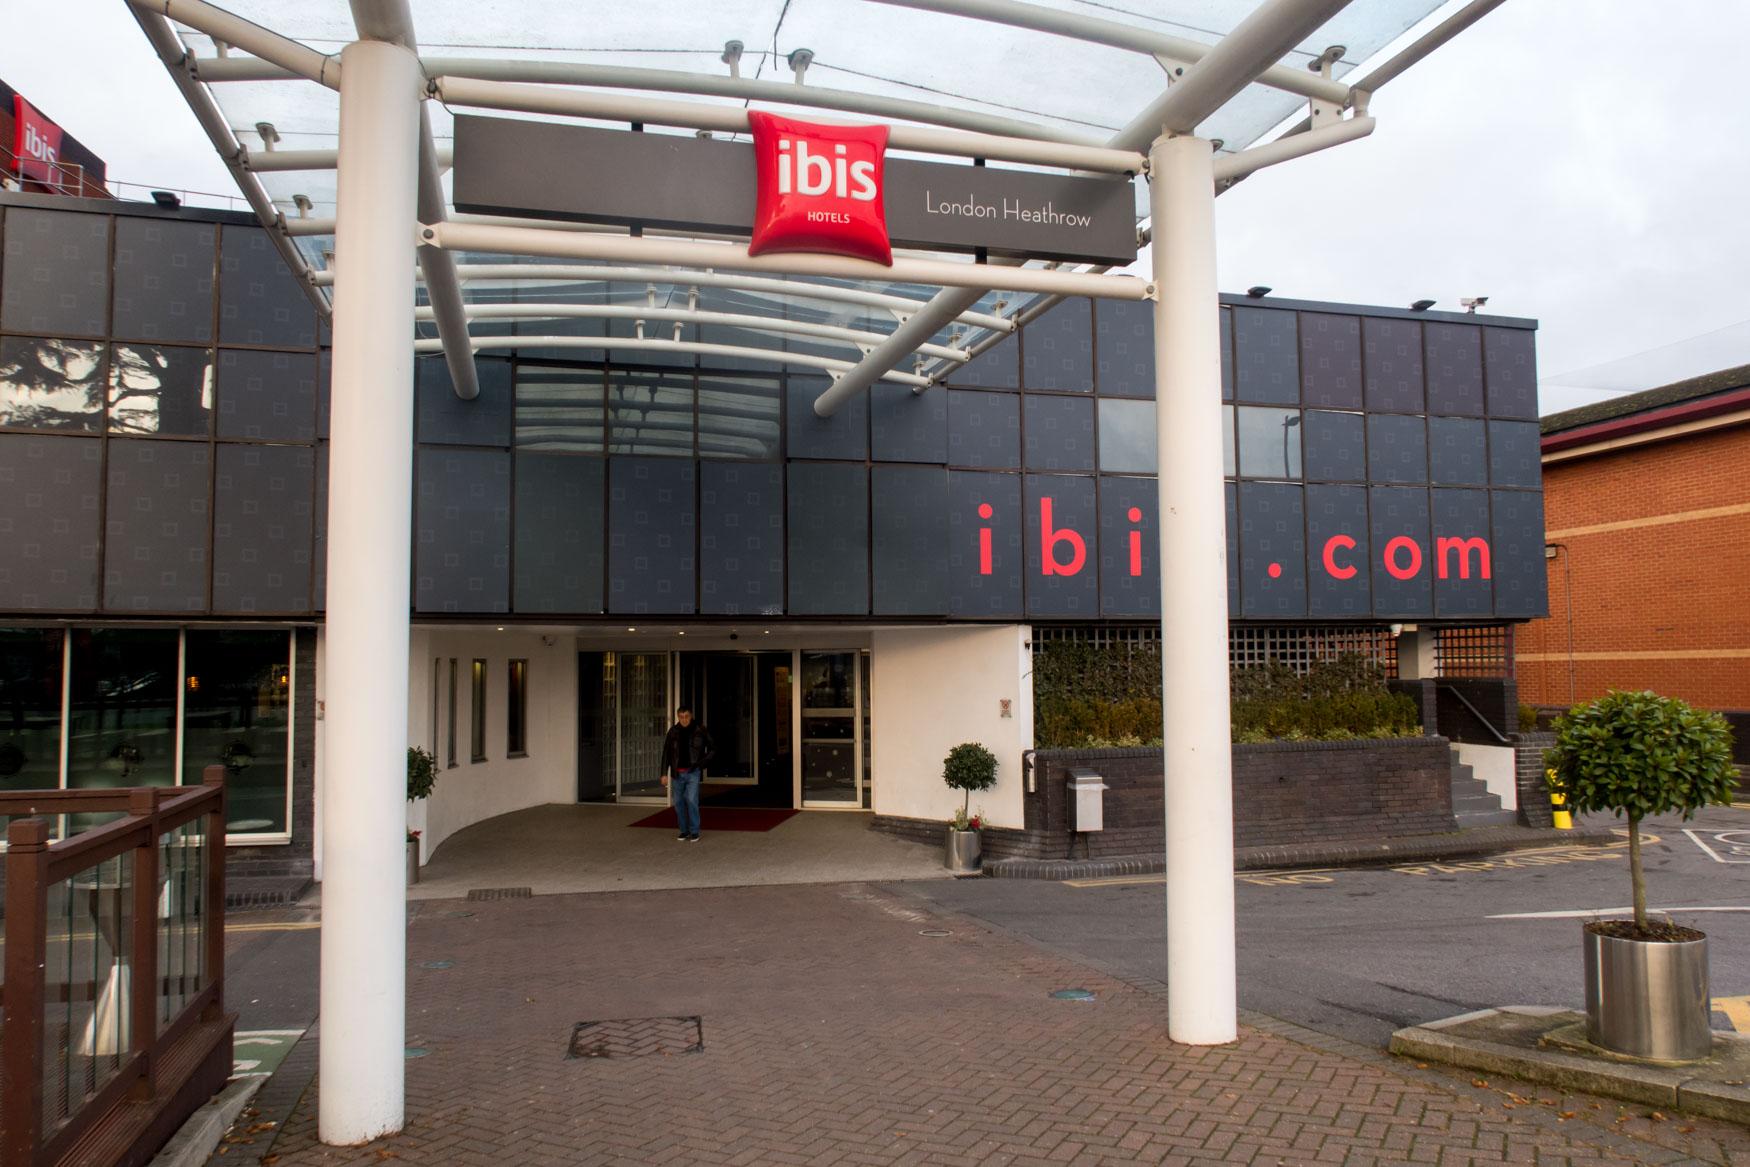 Entrance into the Heathrow Ibis Hotel